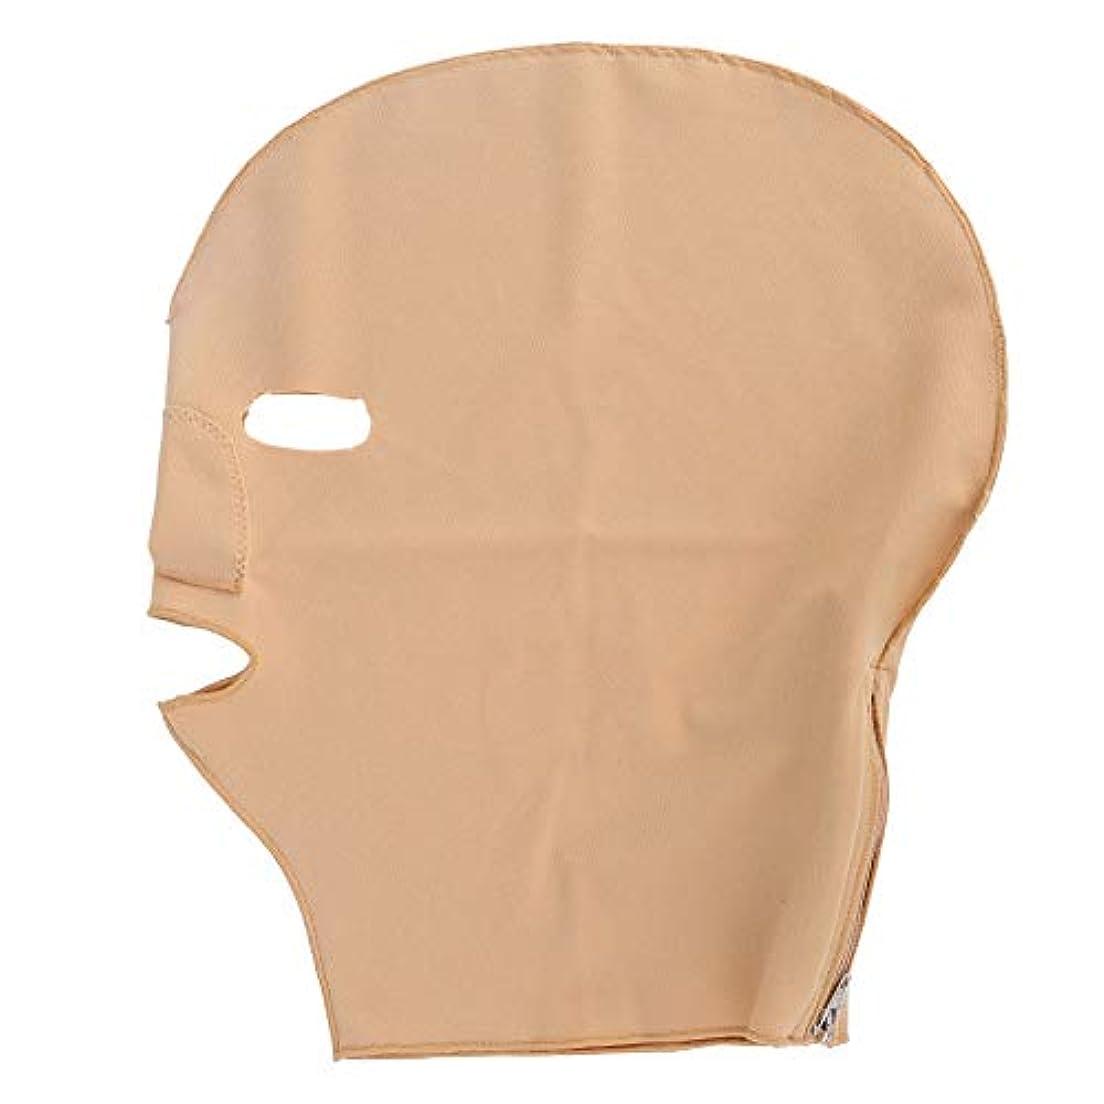 V字型スリーピングフェイスリフティングマスク、アンチエイジングのためのチークファーミングタイトラップ美容ストラップ(L)